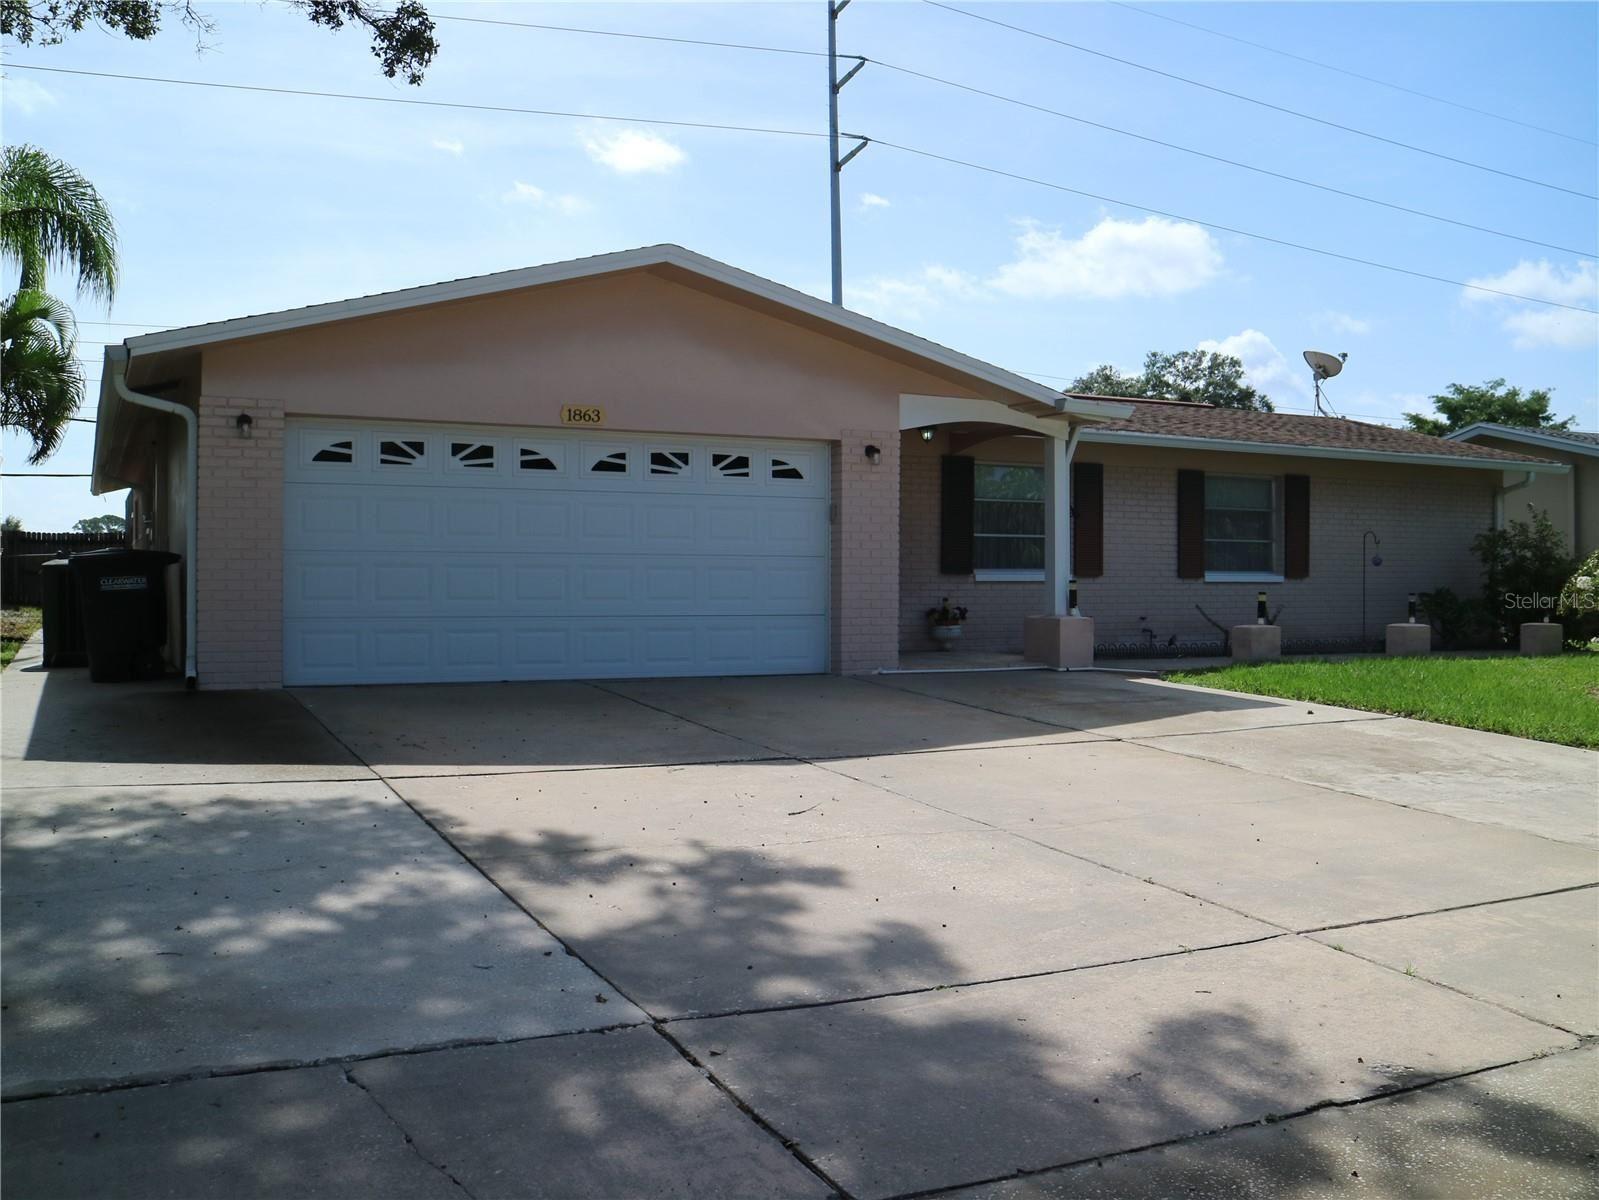 1863 ALBRIGHT DRIVE, Clearwater, FL 33765 - #: U8130739